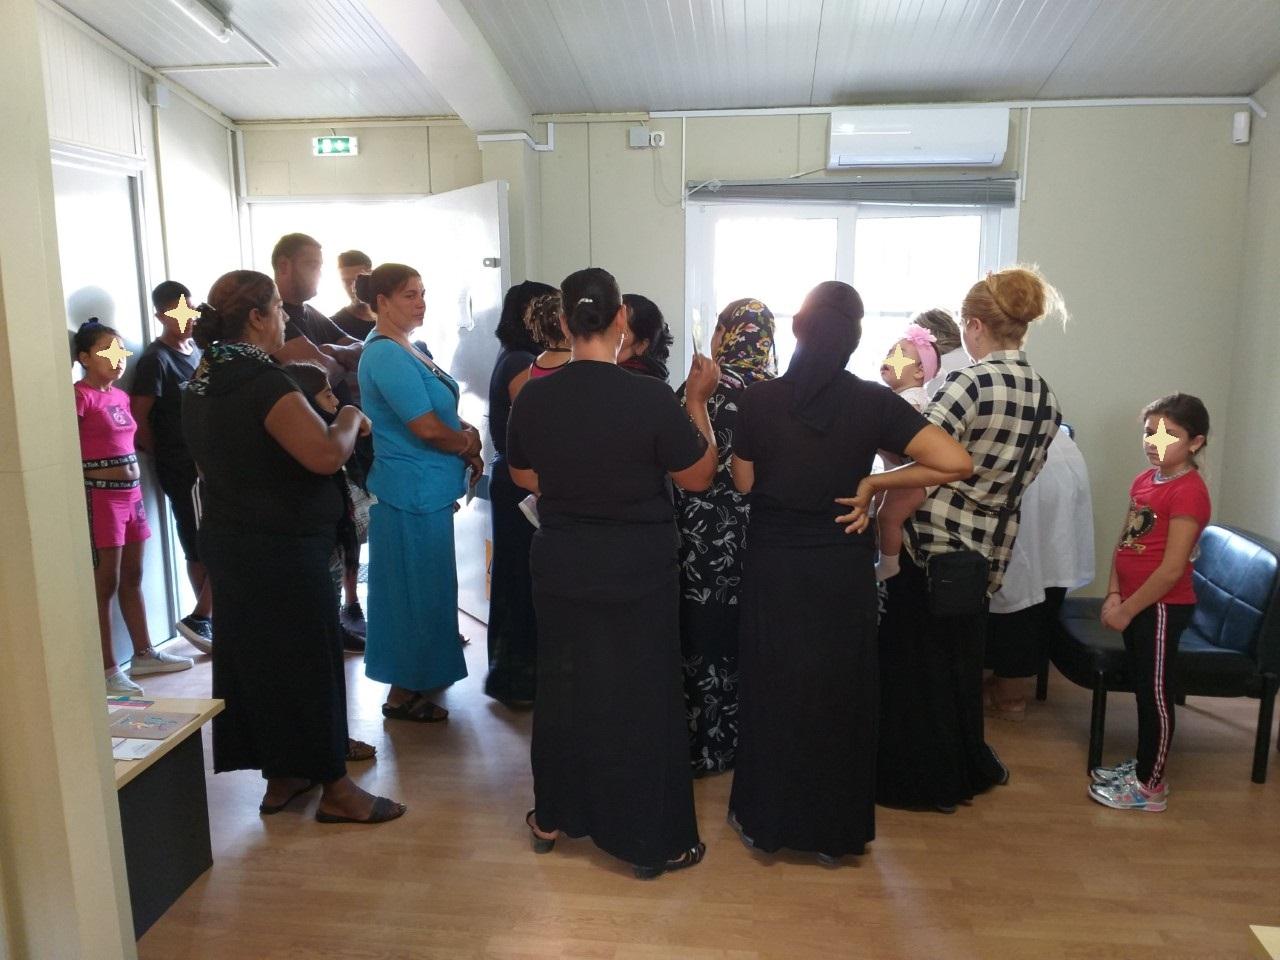 Εμβολιασμός παιδιών από το Κέντρο Κοινότητας - Παράρτημα Ρομά Δήμου Τυρνάβου